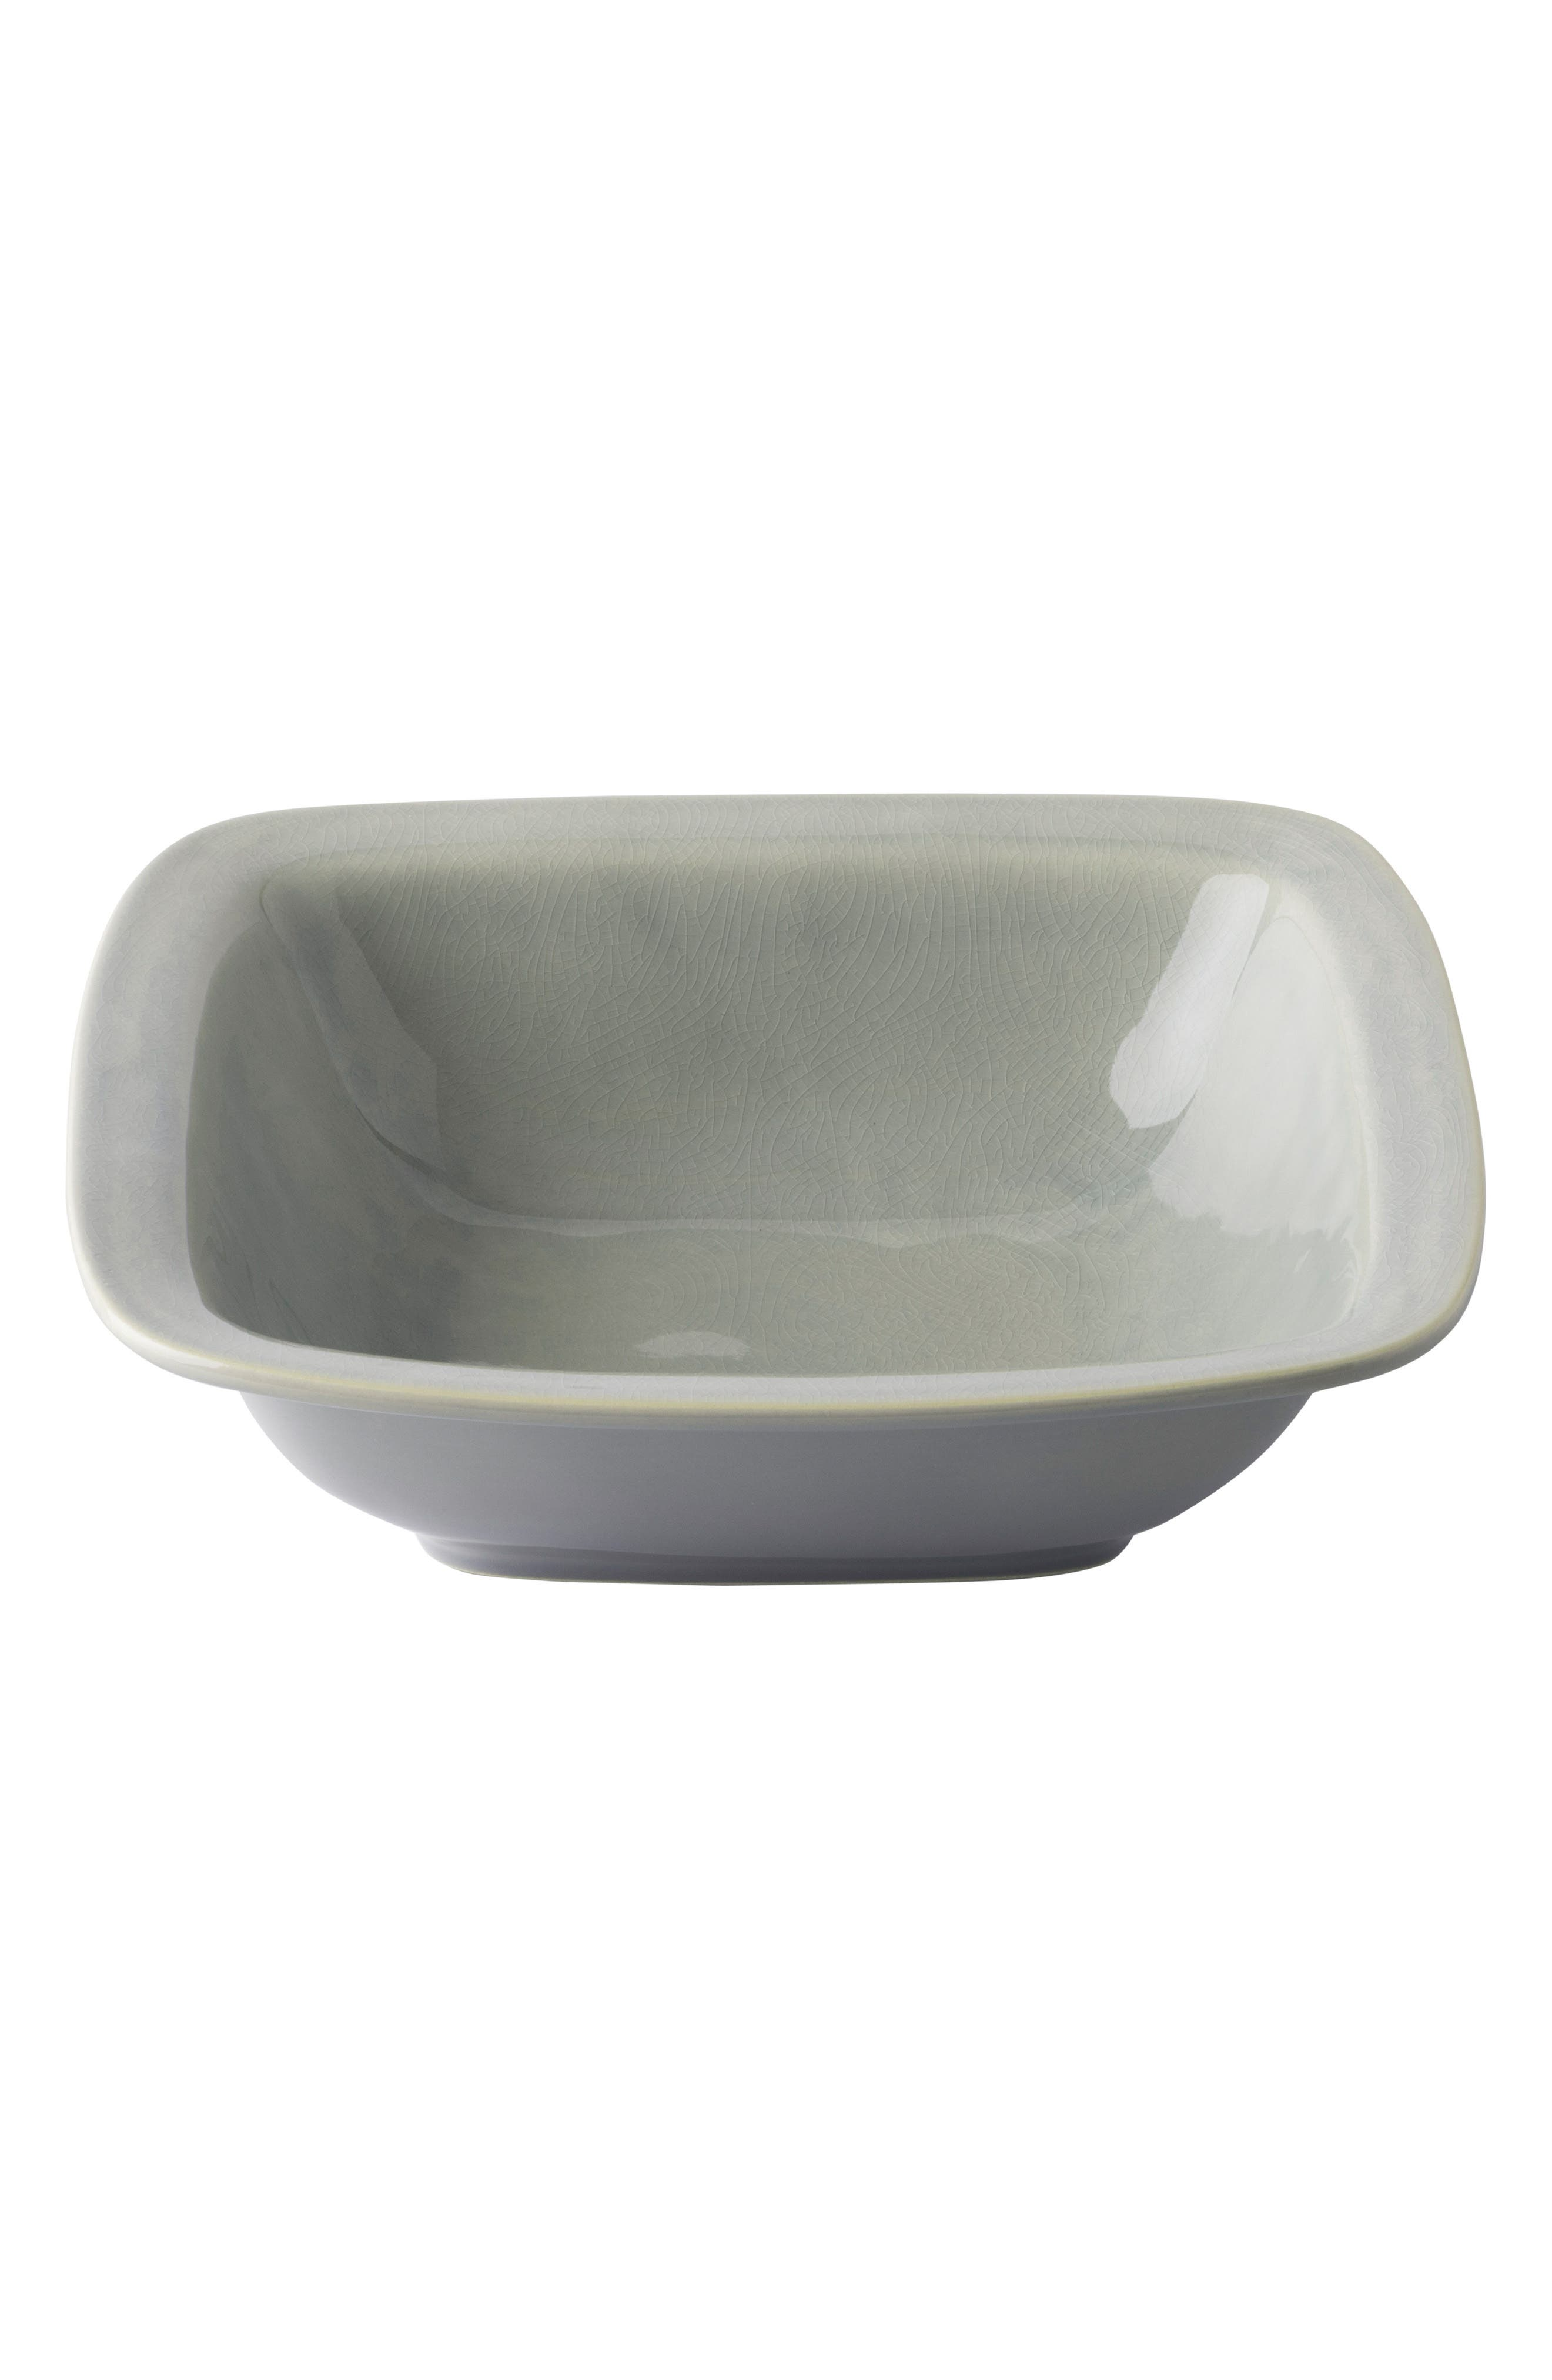 Juliska Puro Large Ceramic Serving Bowl